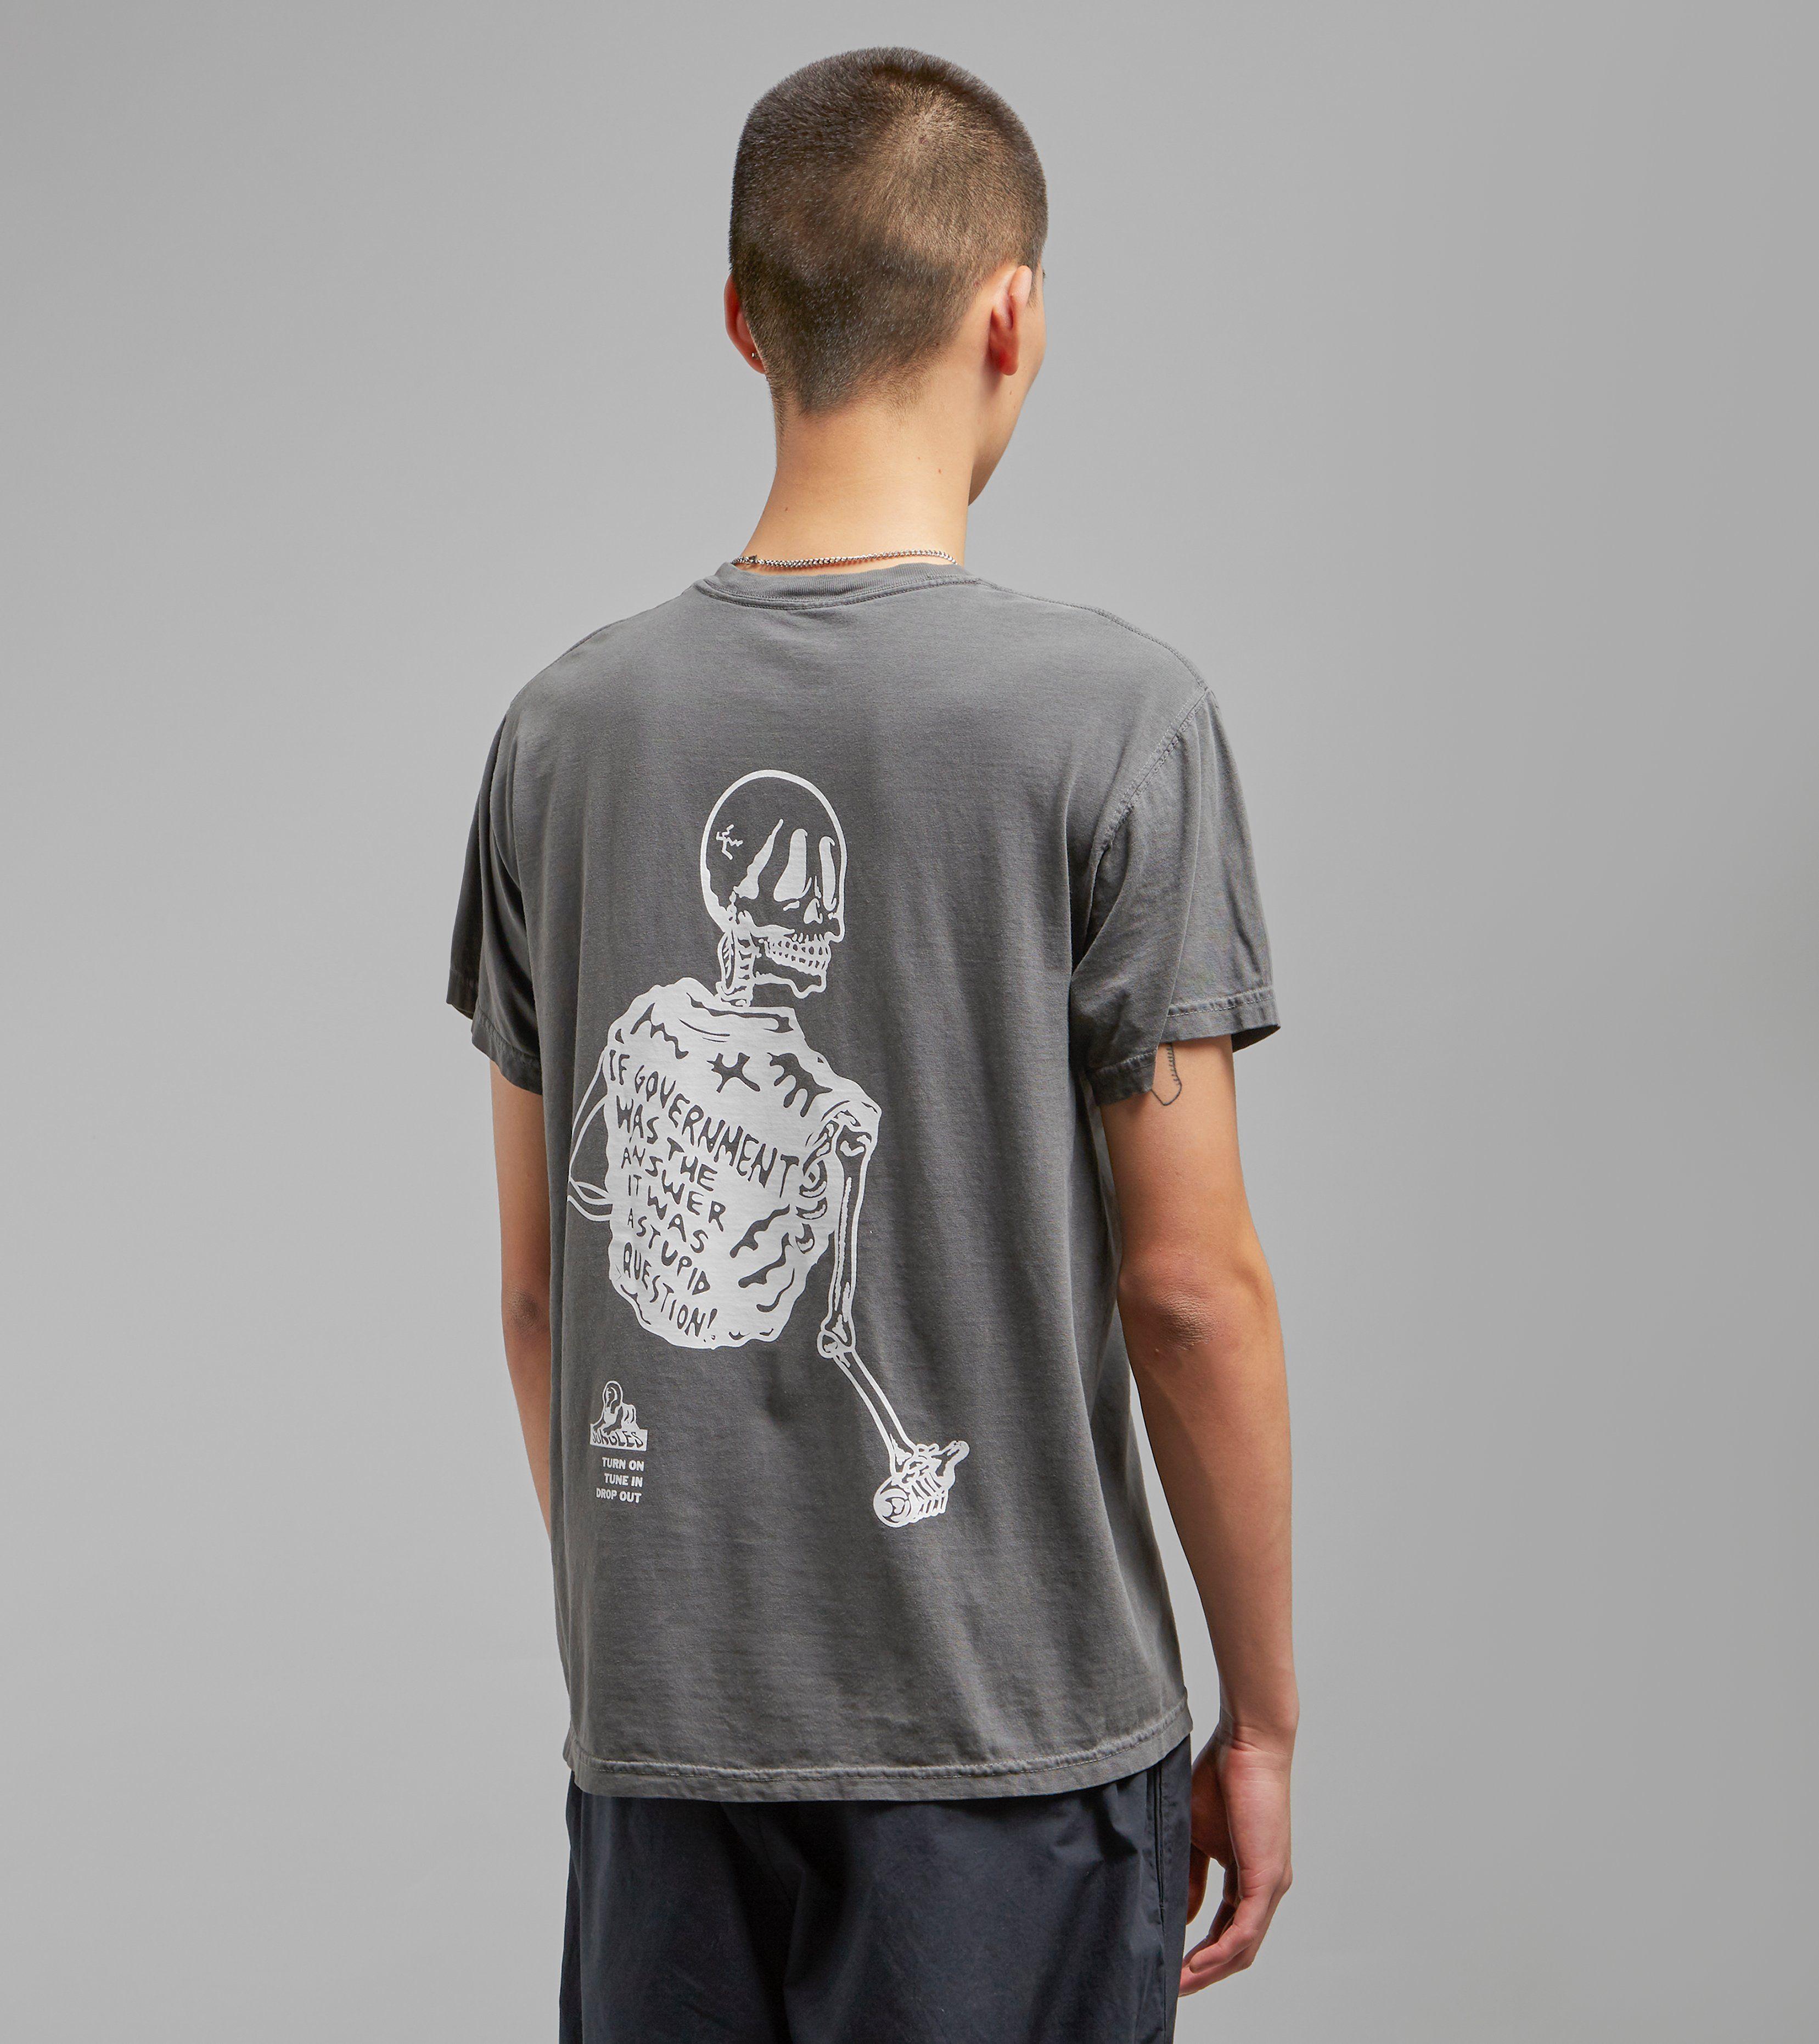 Jungles Jungles Tune In T-Shirt